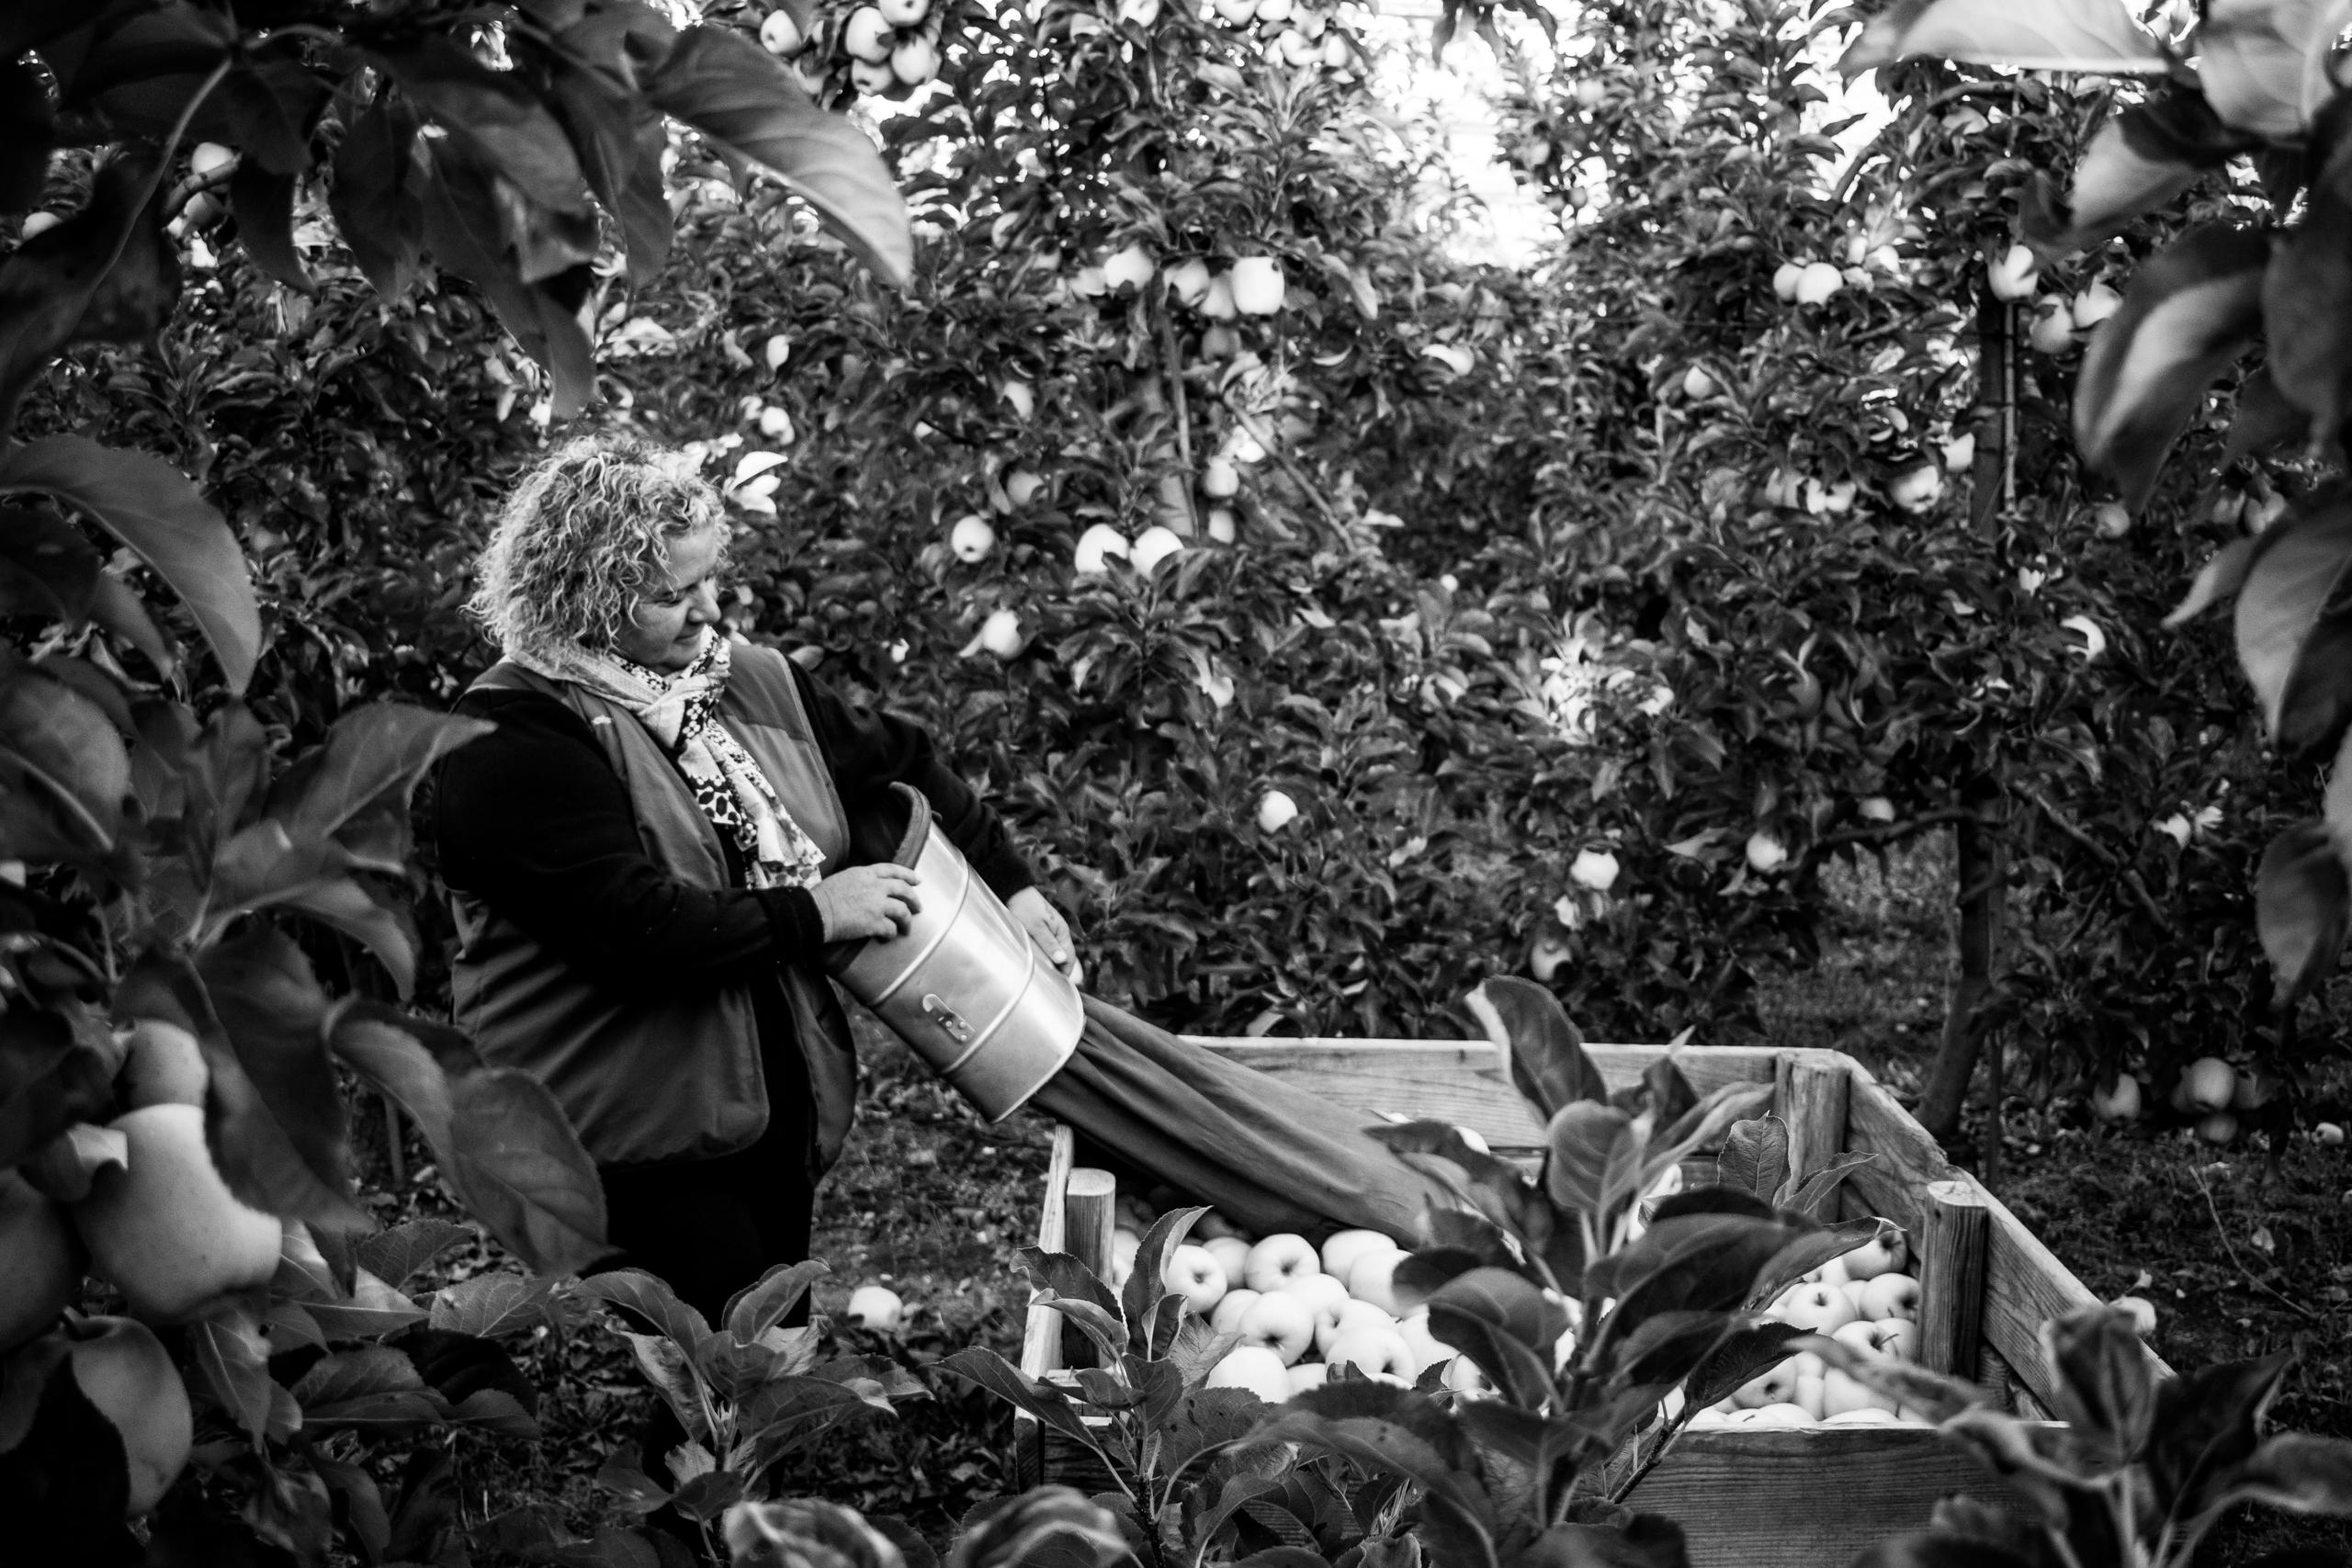 La recogida de la manzana en Francia es un trabajo de temporada que se realiza entre los meses de septiembre y octubre.